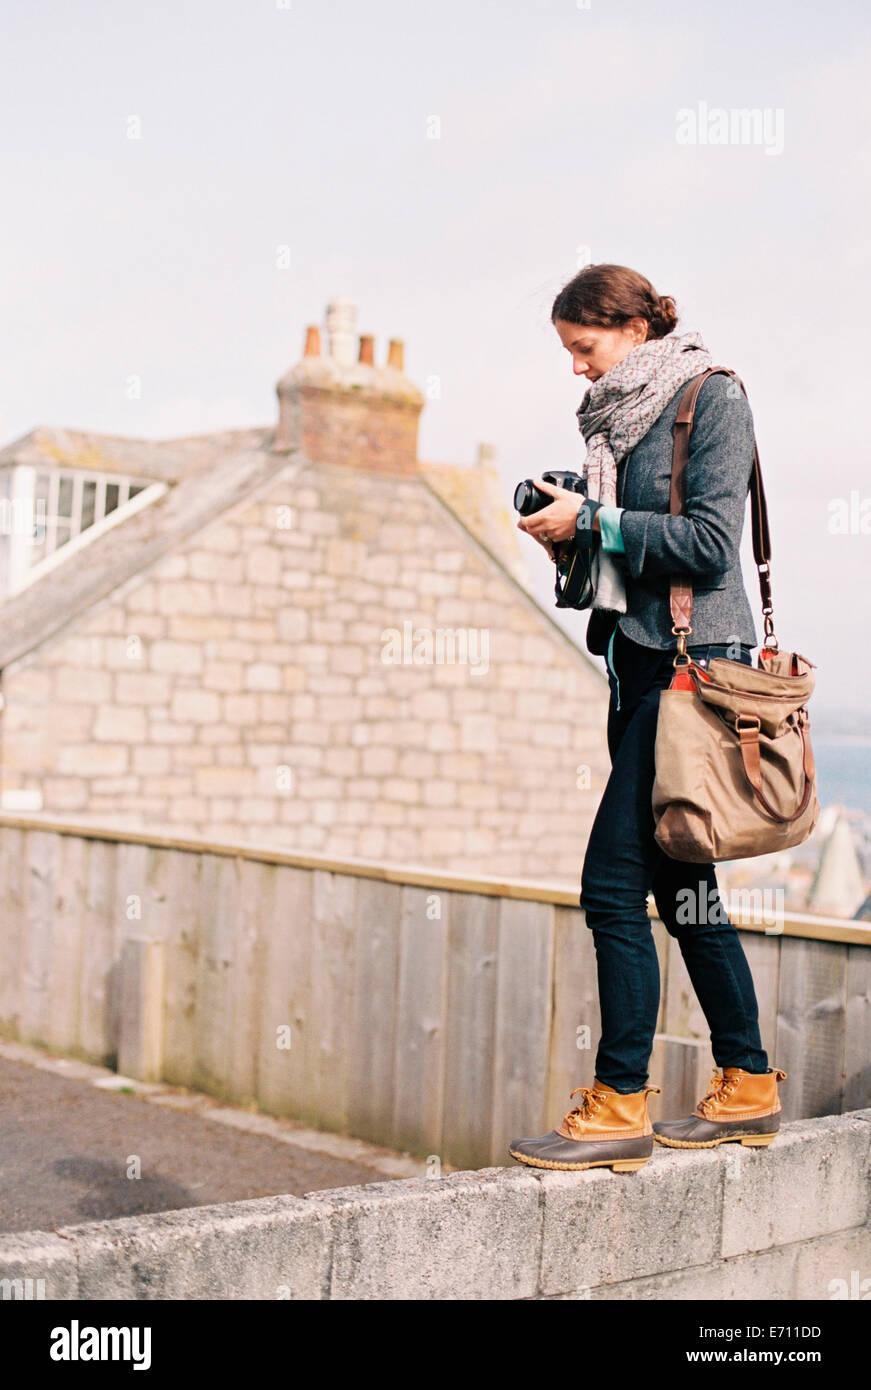 Una donna con un sacco di grandi dimensioni, tenendo una telecamera, sorge sulla sommità di un muro. Immagini Stock